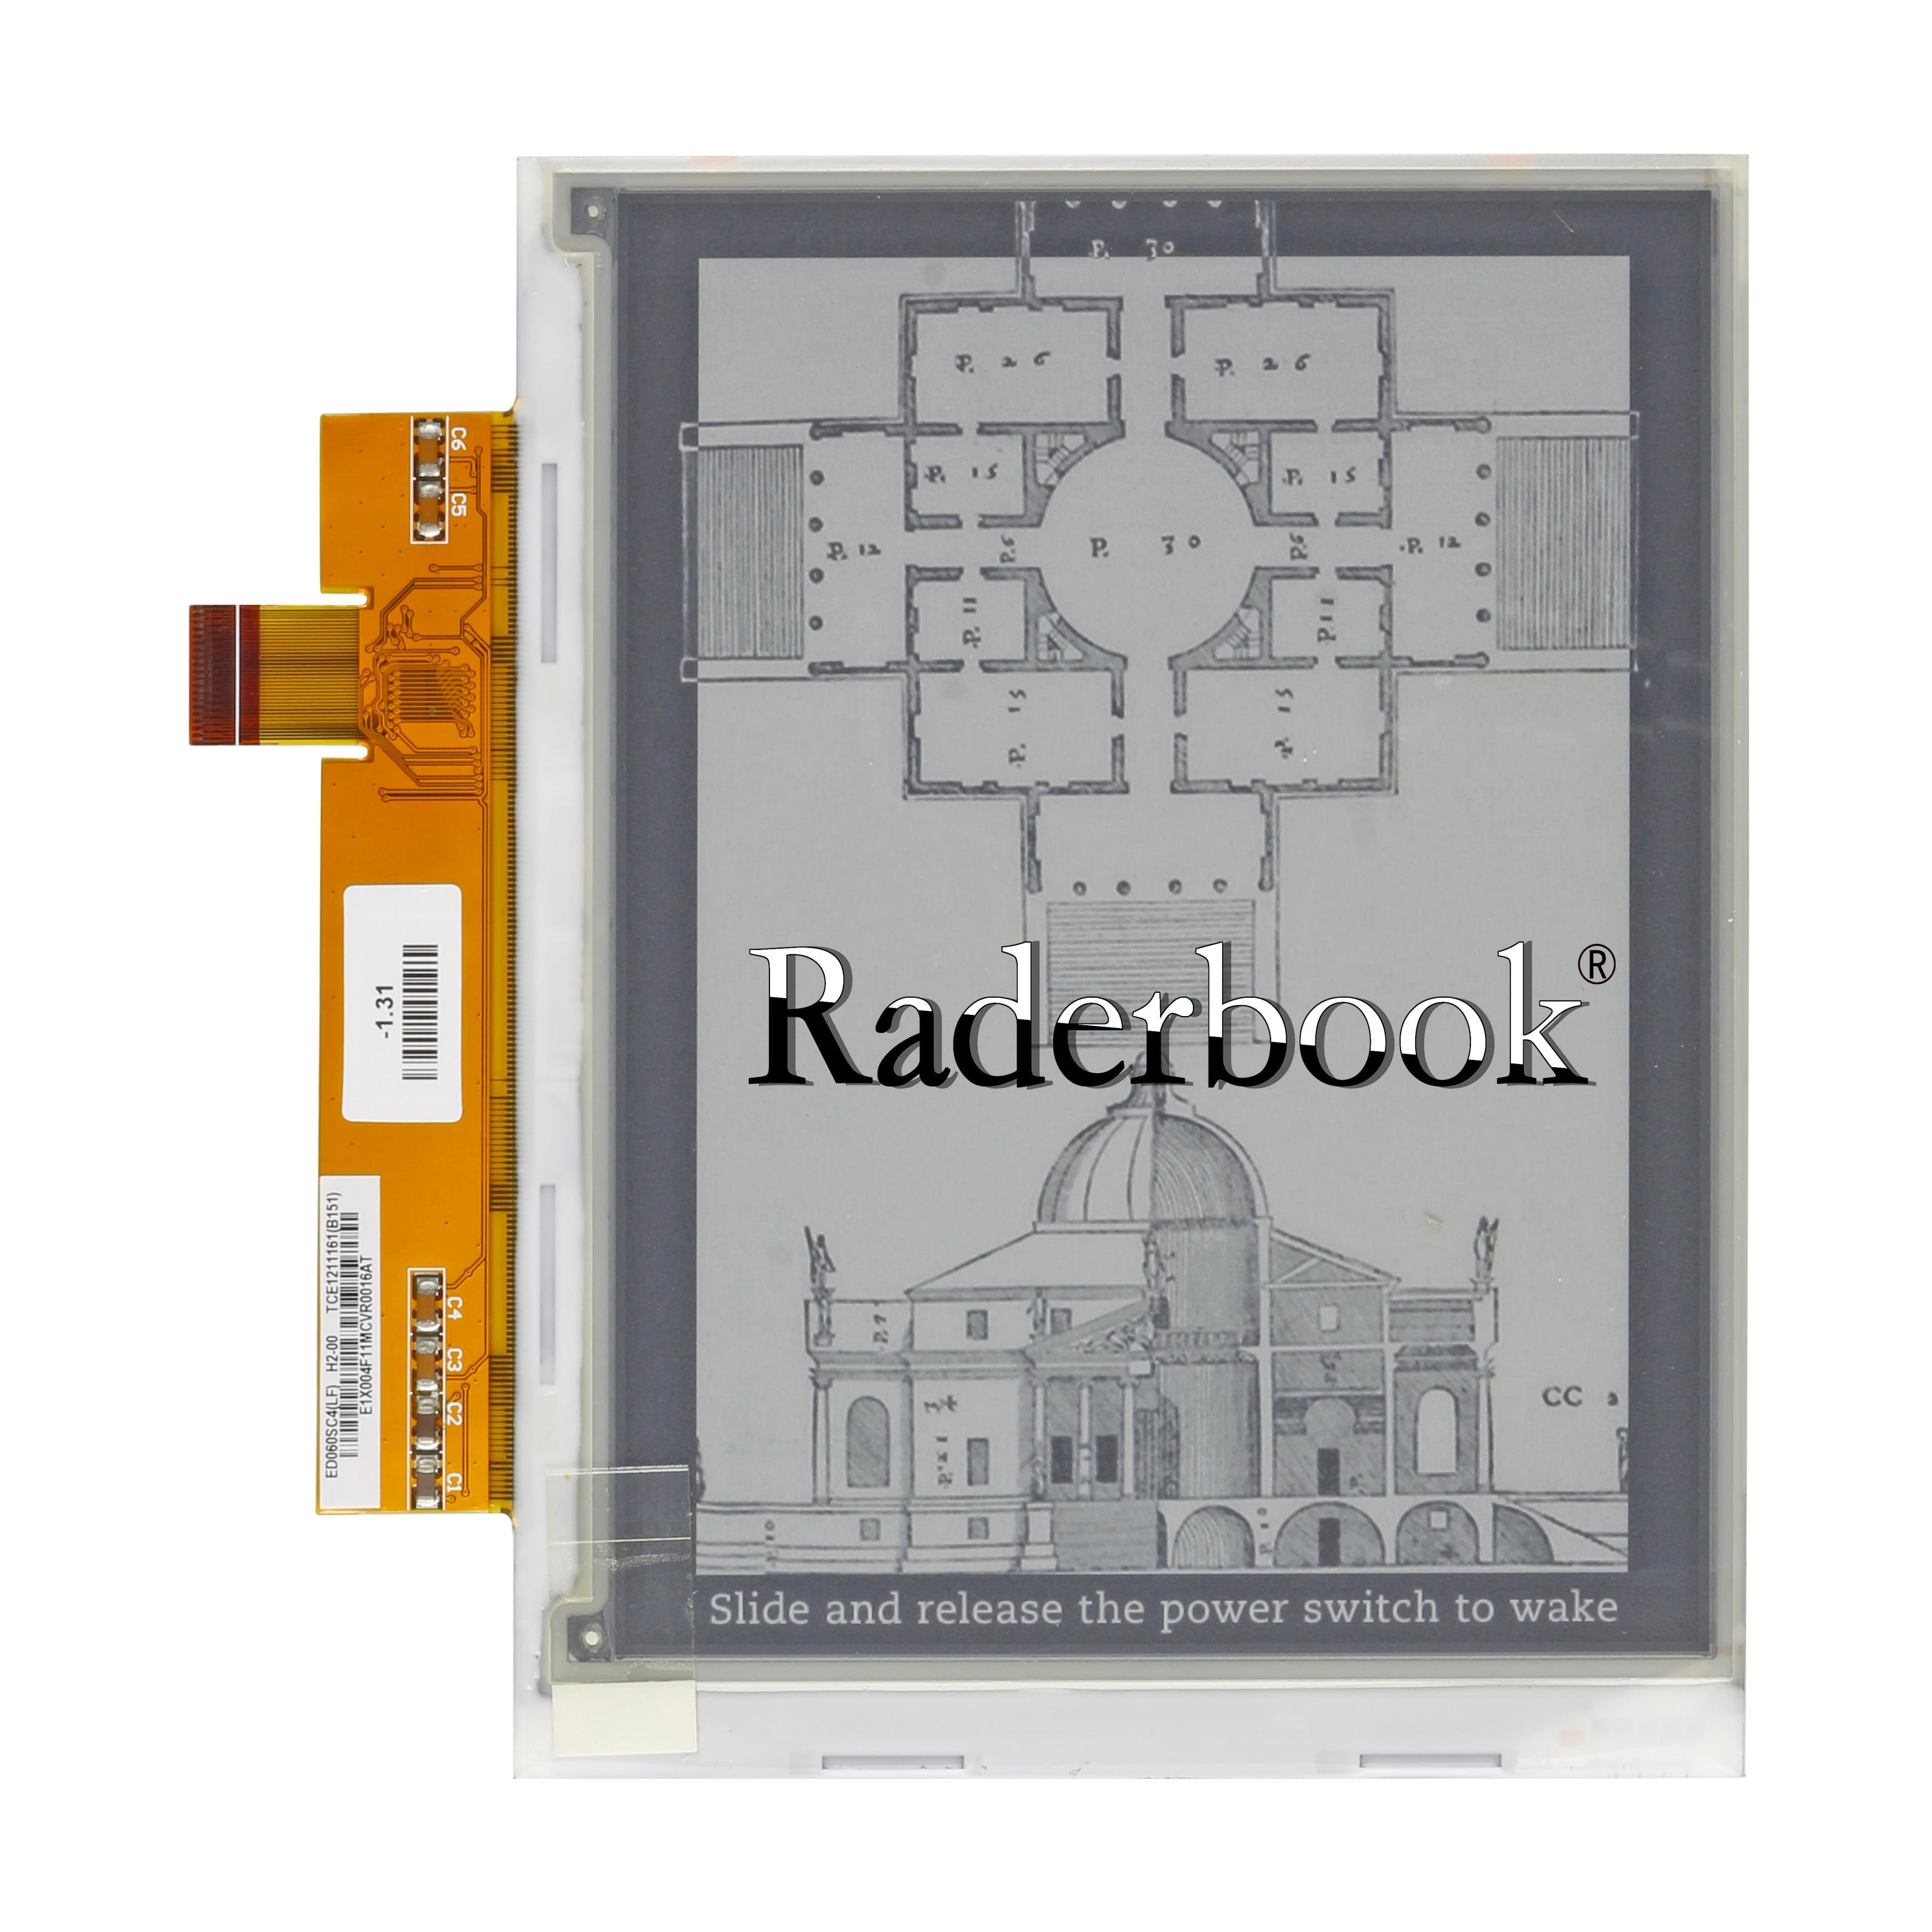 شاشة H2 6 بوصة ED060SC4 (LF) ، لجهاز PocketBook 100% plus Sony PRS500 301 ، KINDLE 2 ، قصة قزحي الألوان ، أصلي 600